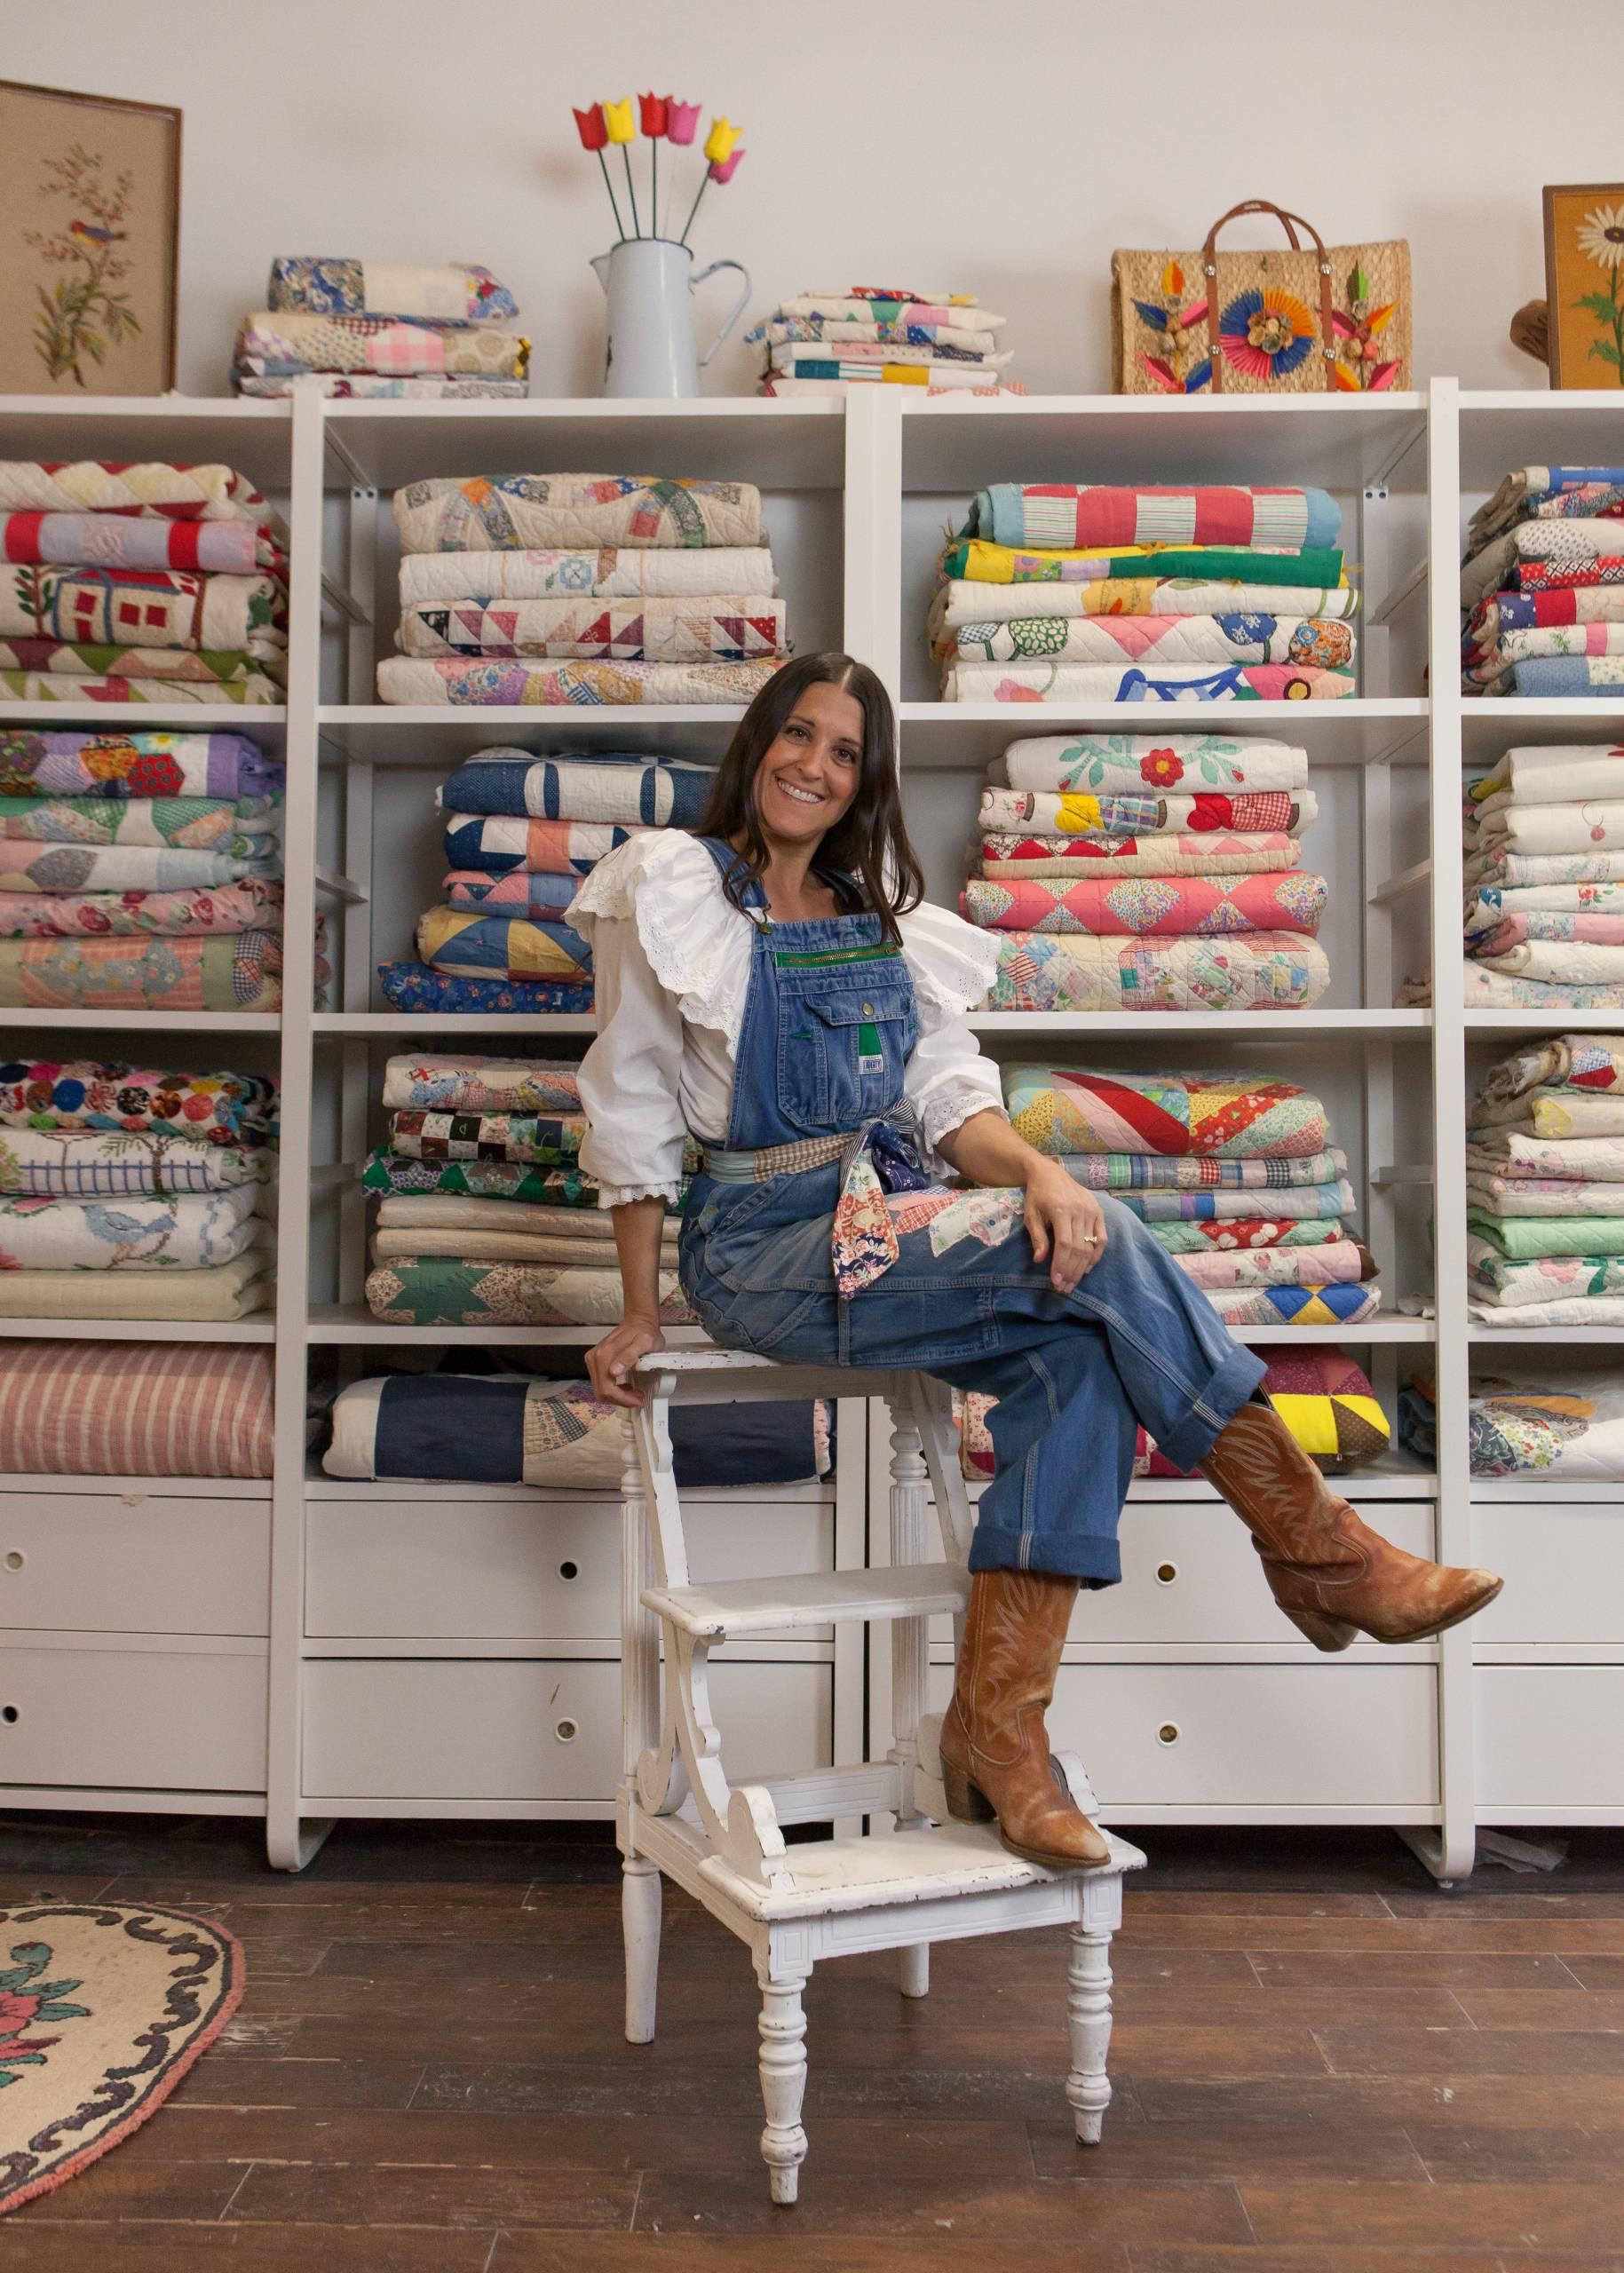 Founder of Honeybea Rebecca Caulford